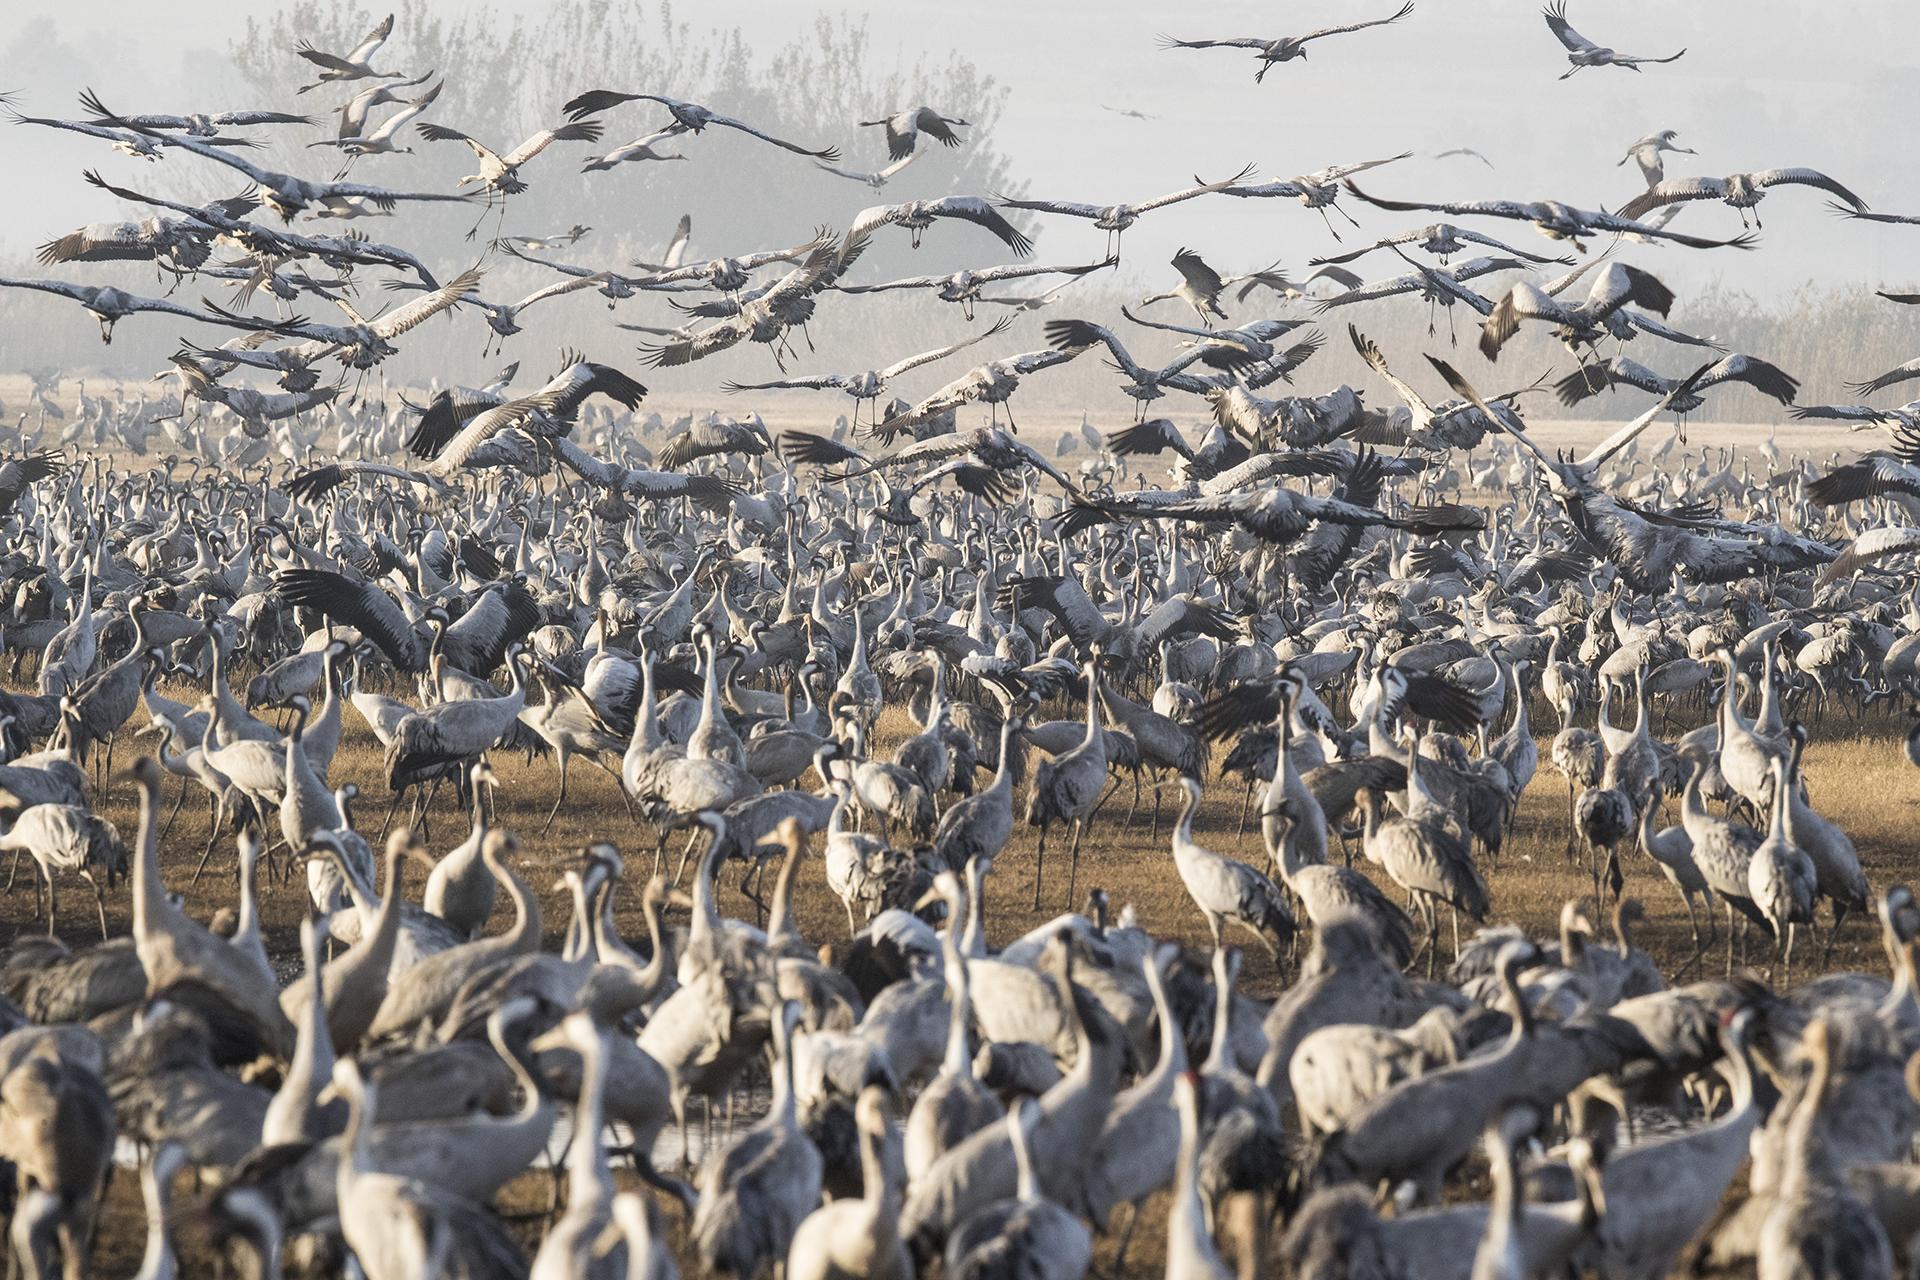 Más de medio billón de aves de unas 400 especies diferentes pasan por el valle del Jordán hacia África y vuelven a Europa durante el año. Alrededor de 42.500 grullas grises permanecieron este invierno en el lago Agamon Hula en lugar de migrar a África, aprovechando la seguridad de esta fuente de agua artificial